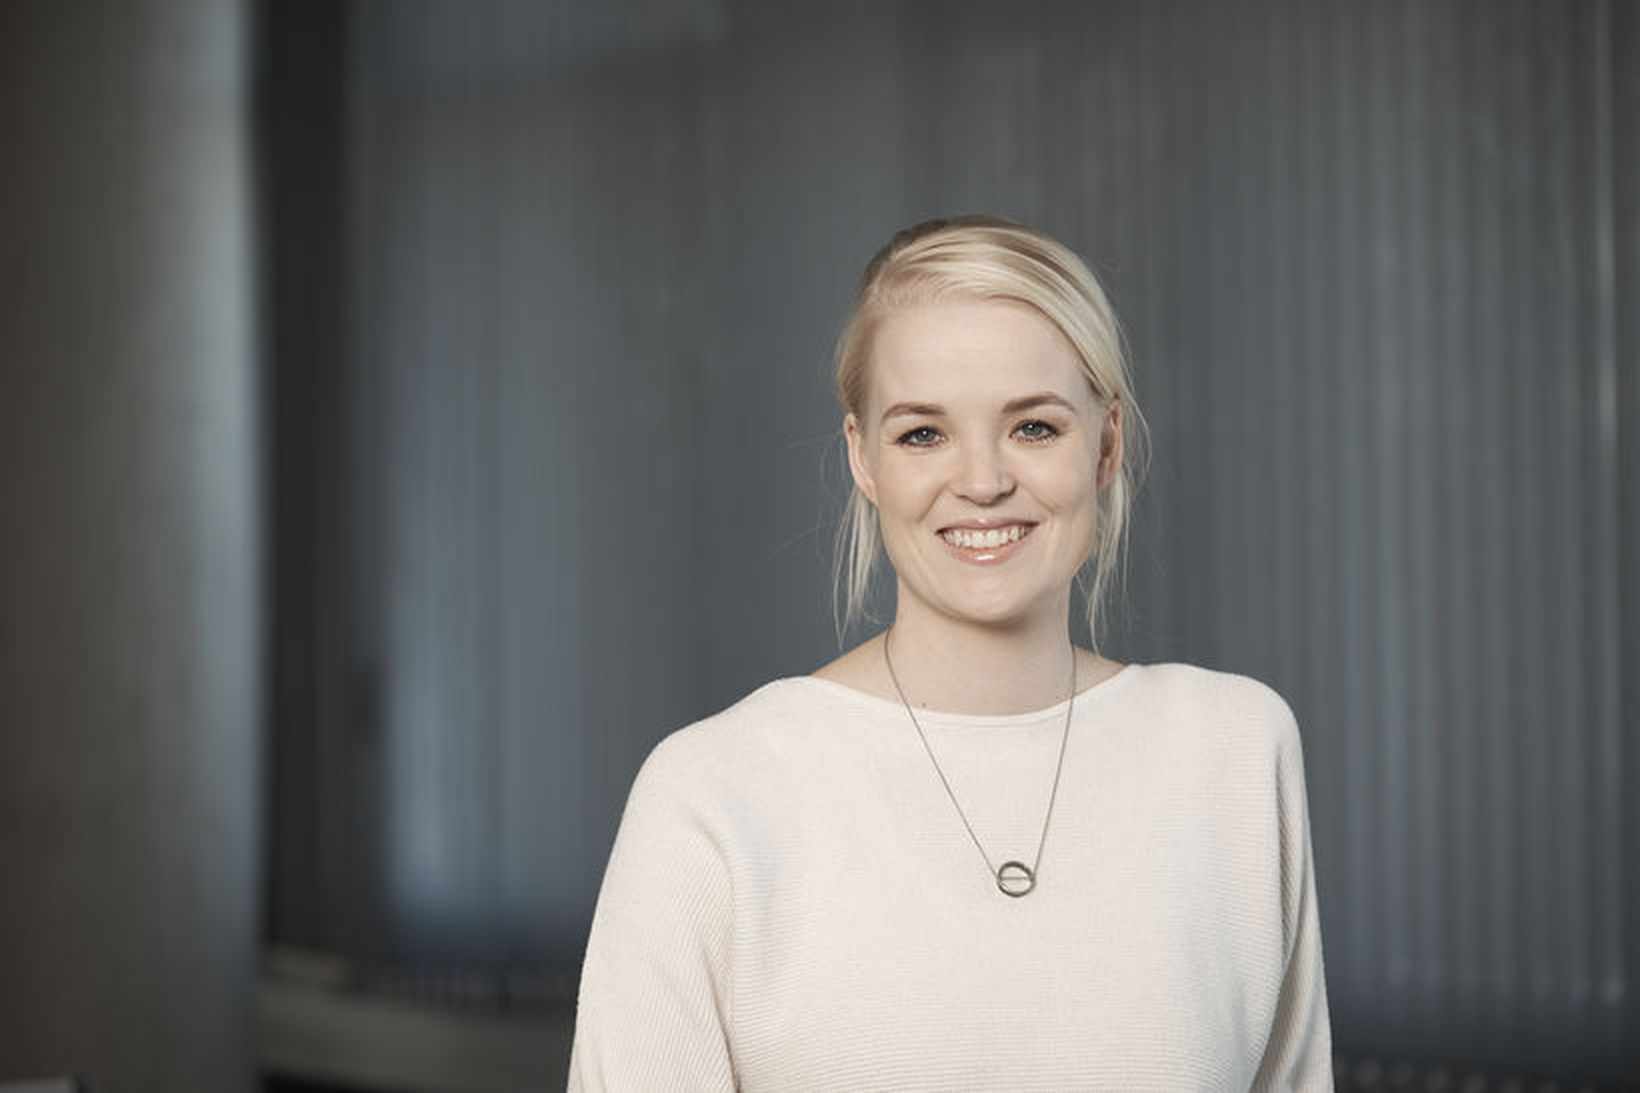 Ásdís Auðunsdóttir starfar sem persónuverndarsérfræðingur við áhætturáðgjöf Deloitte. Undanfarið hefur …